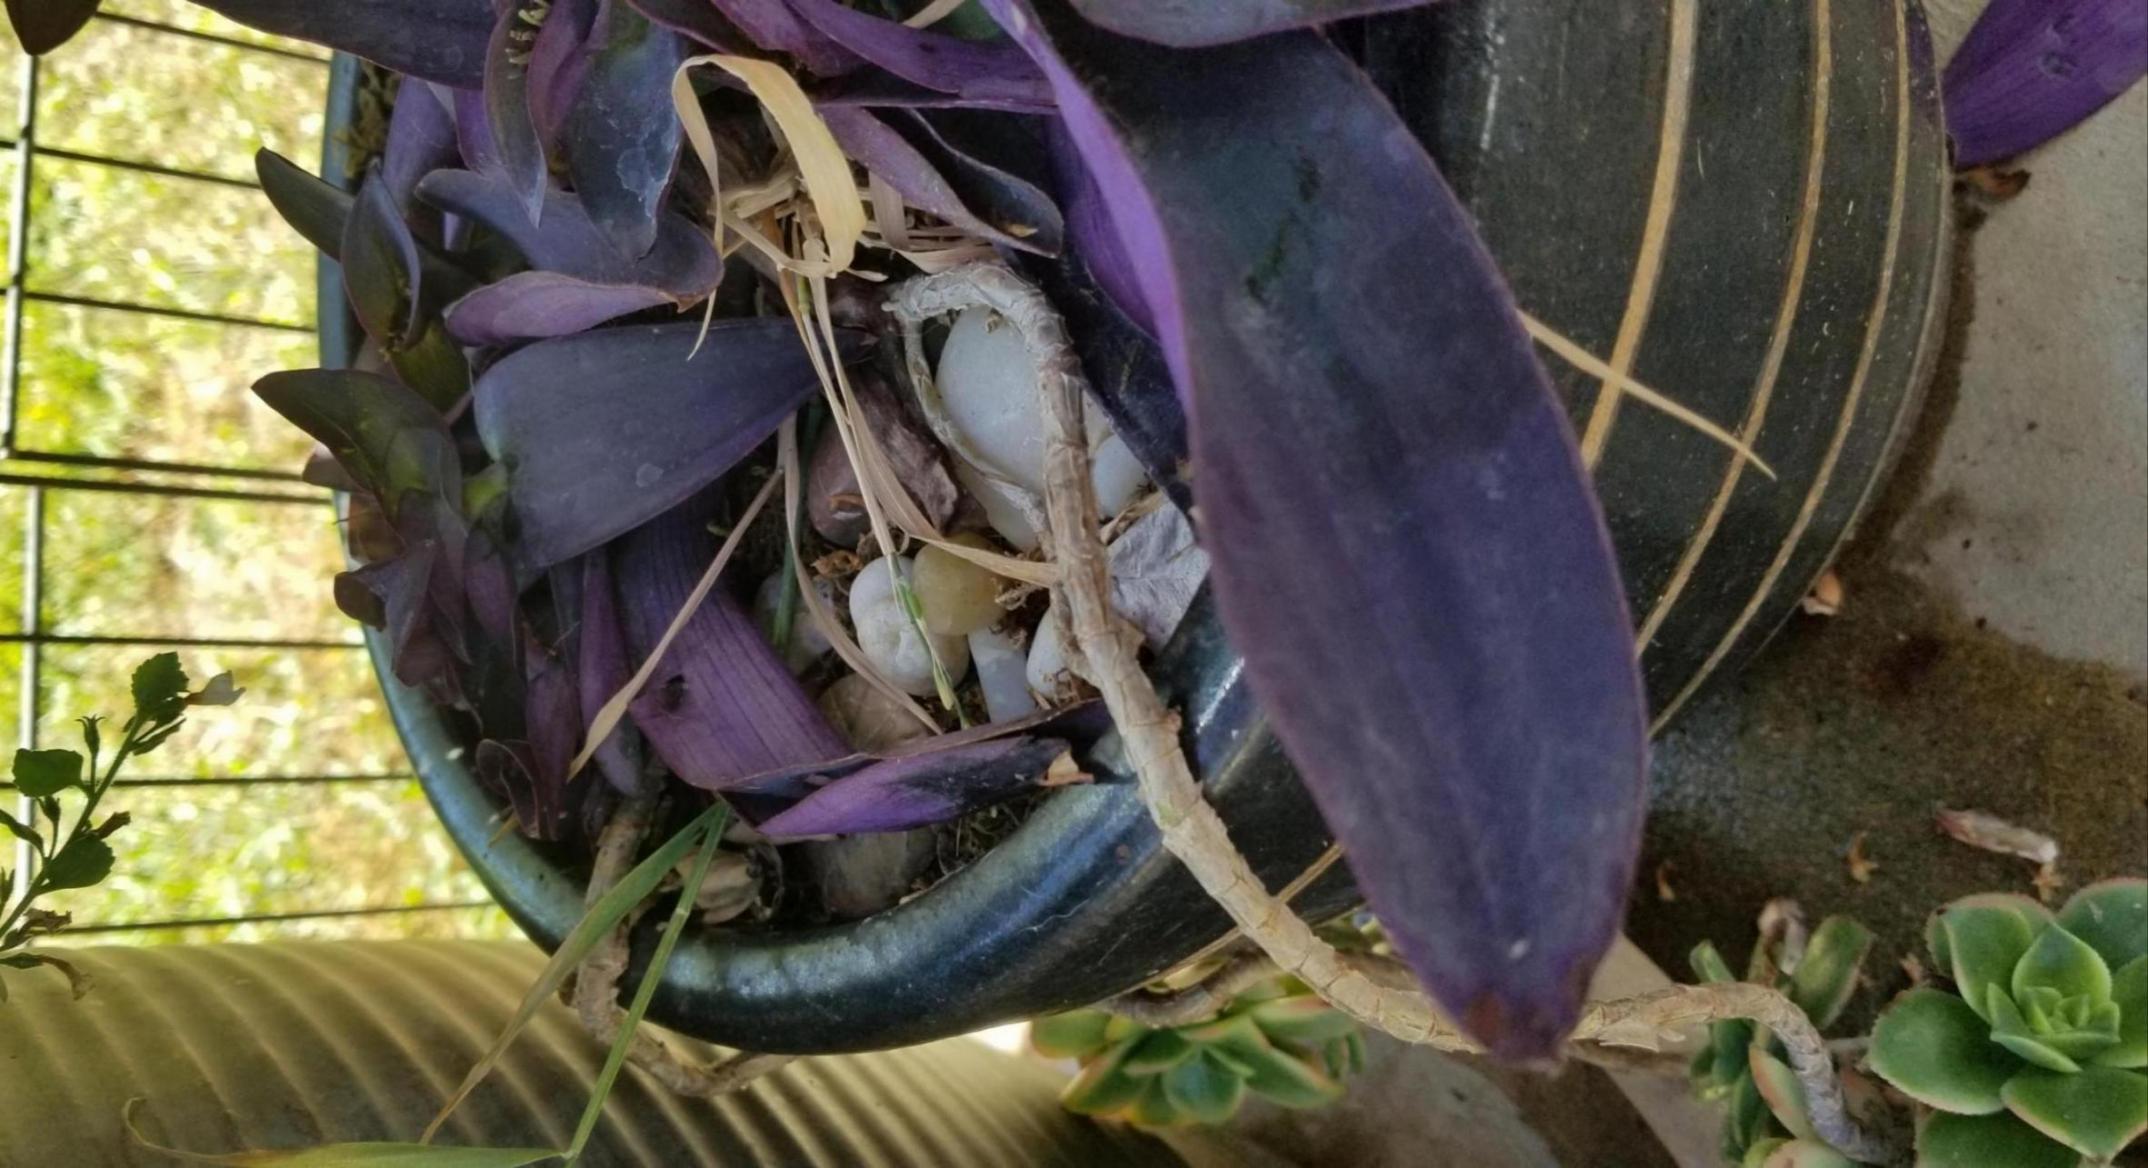 Plant smasher...grr-20190720_143152_1563658427321.jpg